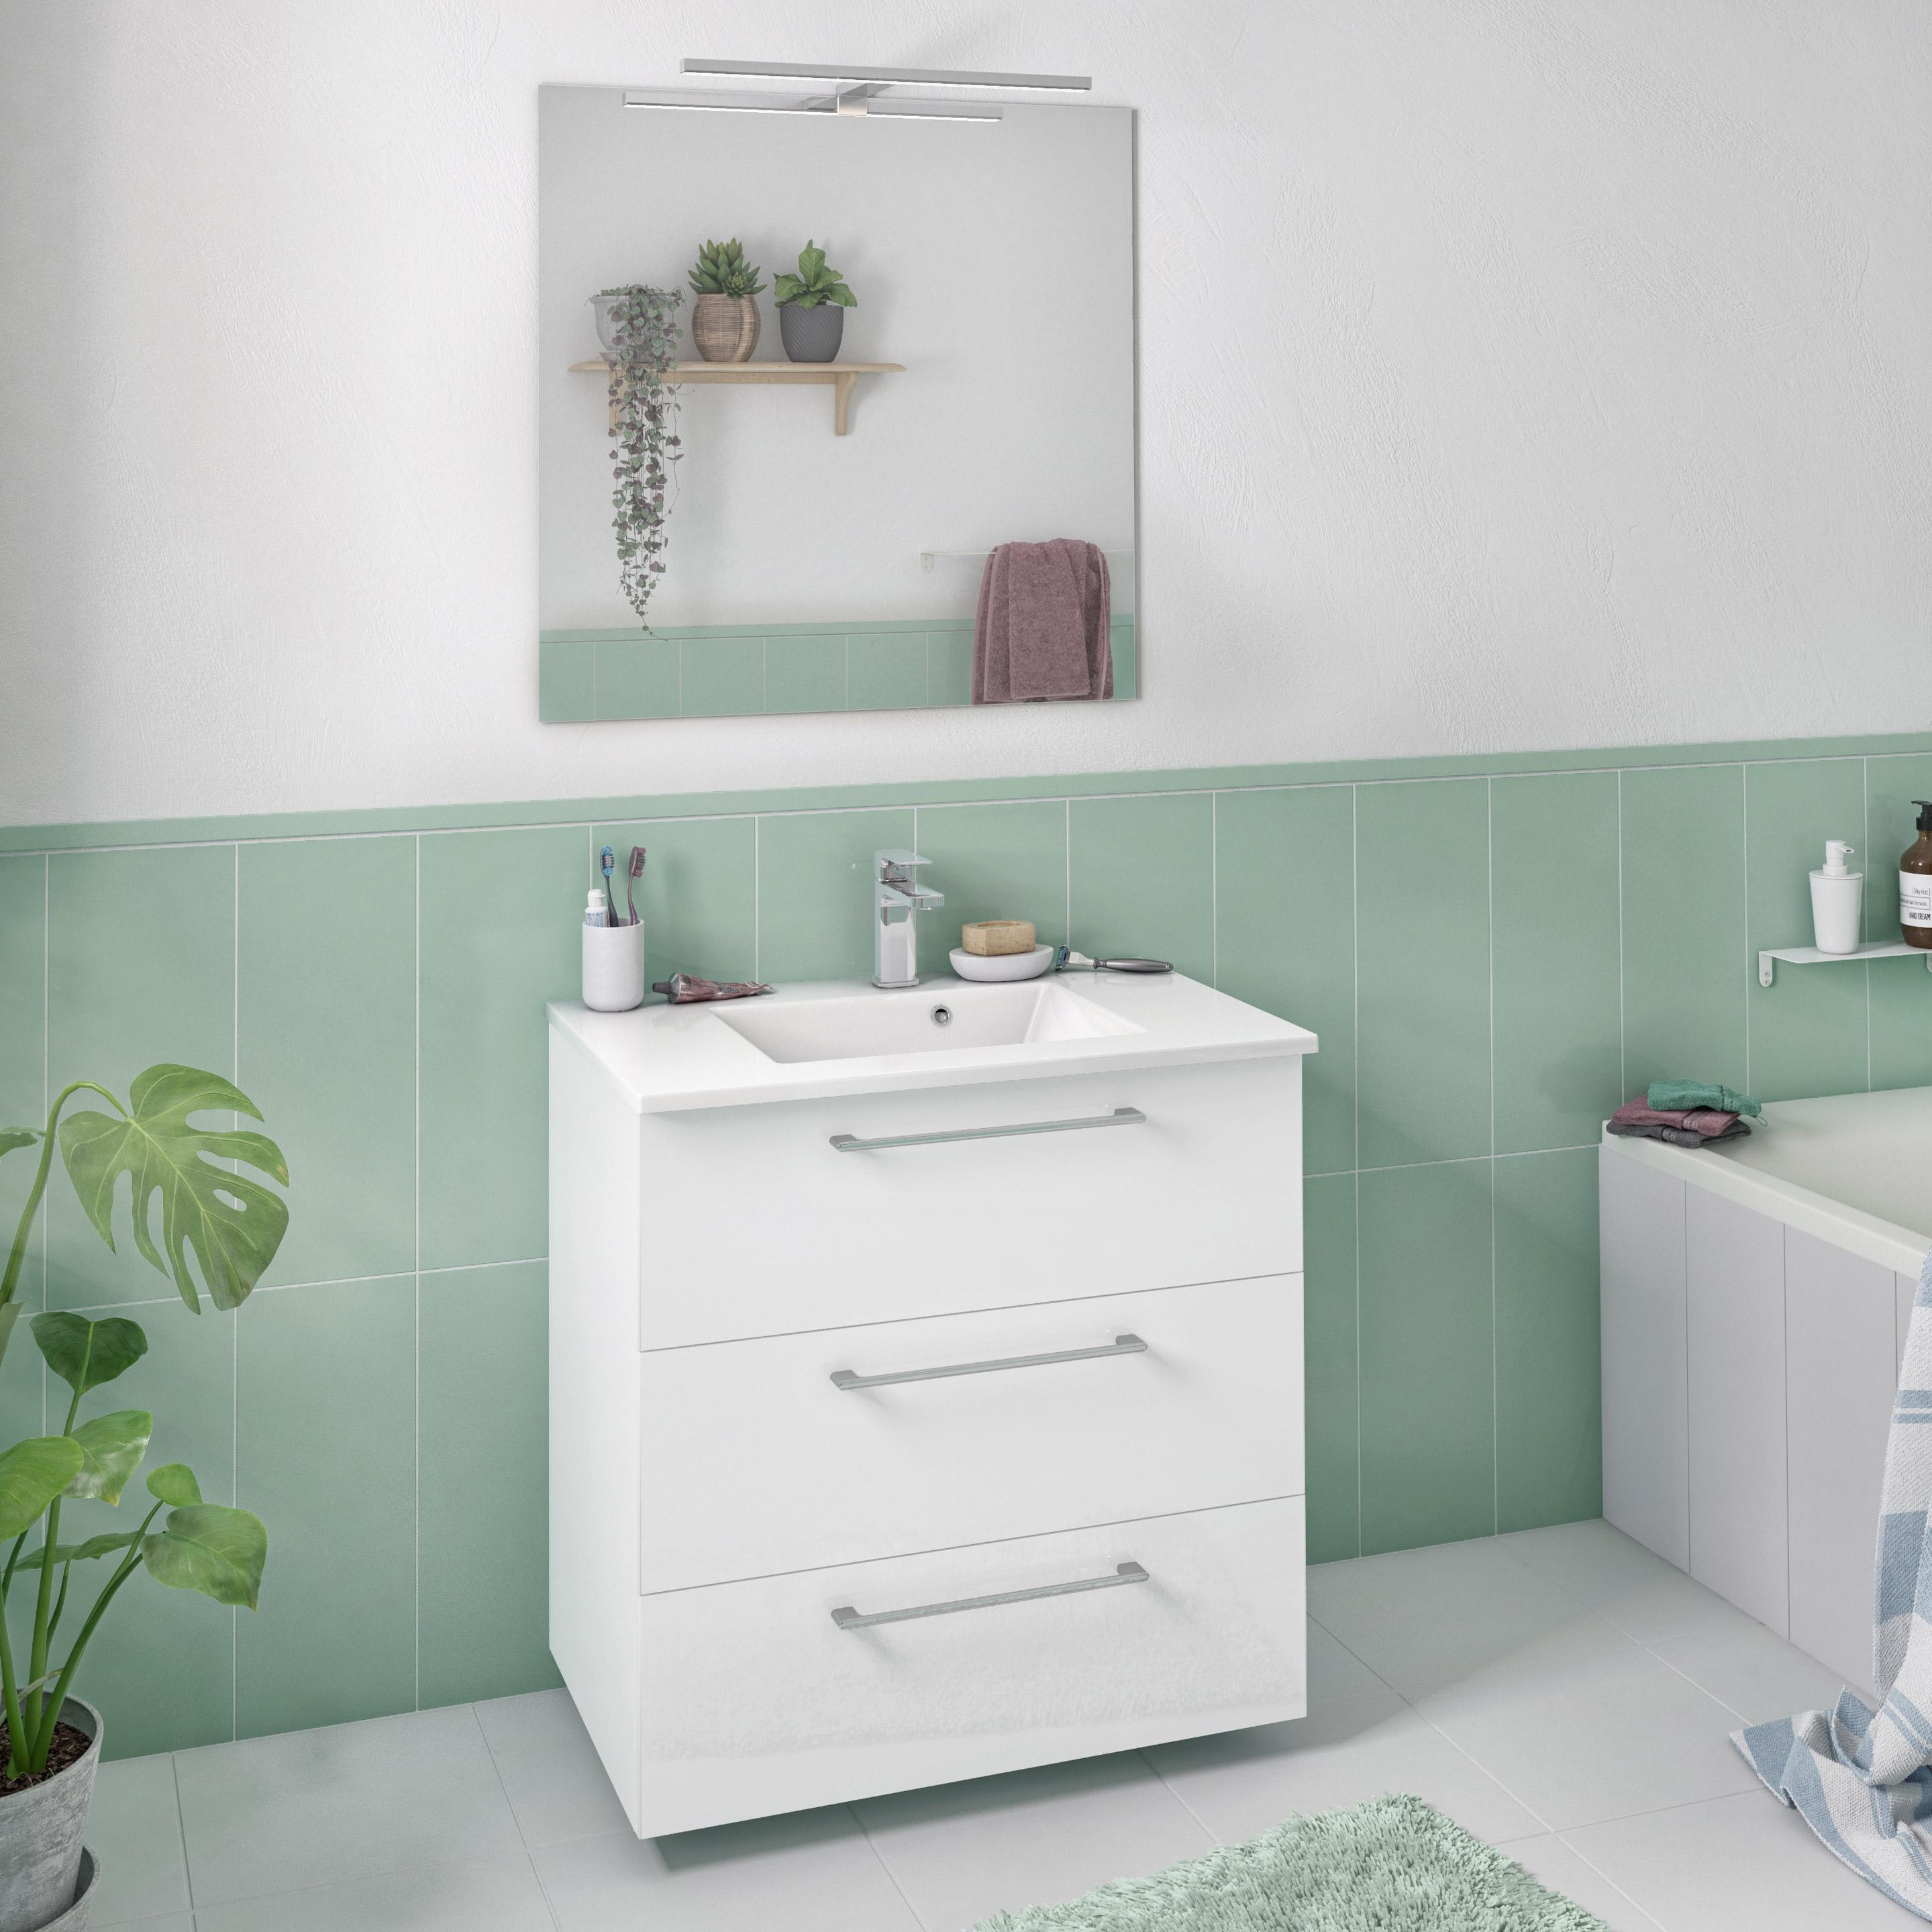 Vasque Sur Pied Avec Meuble plan vasque simple remix céramique l.61 x p.48.5 cm